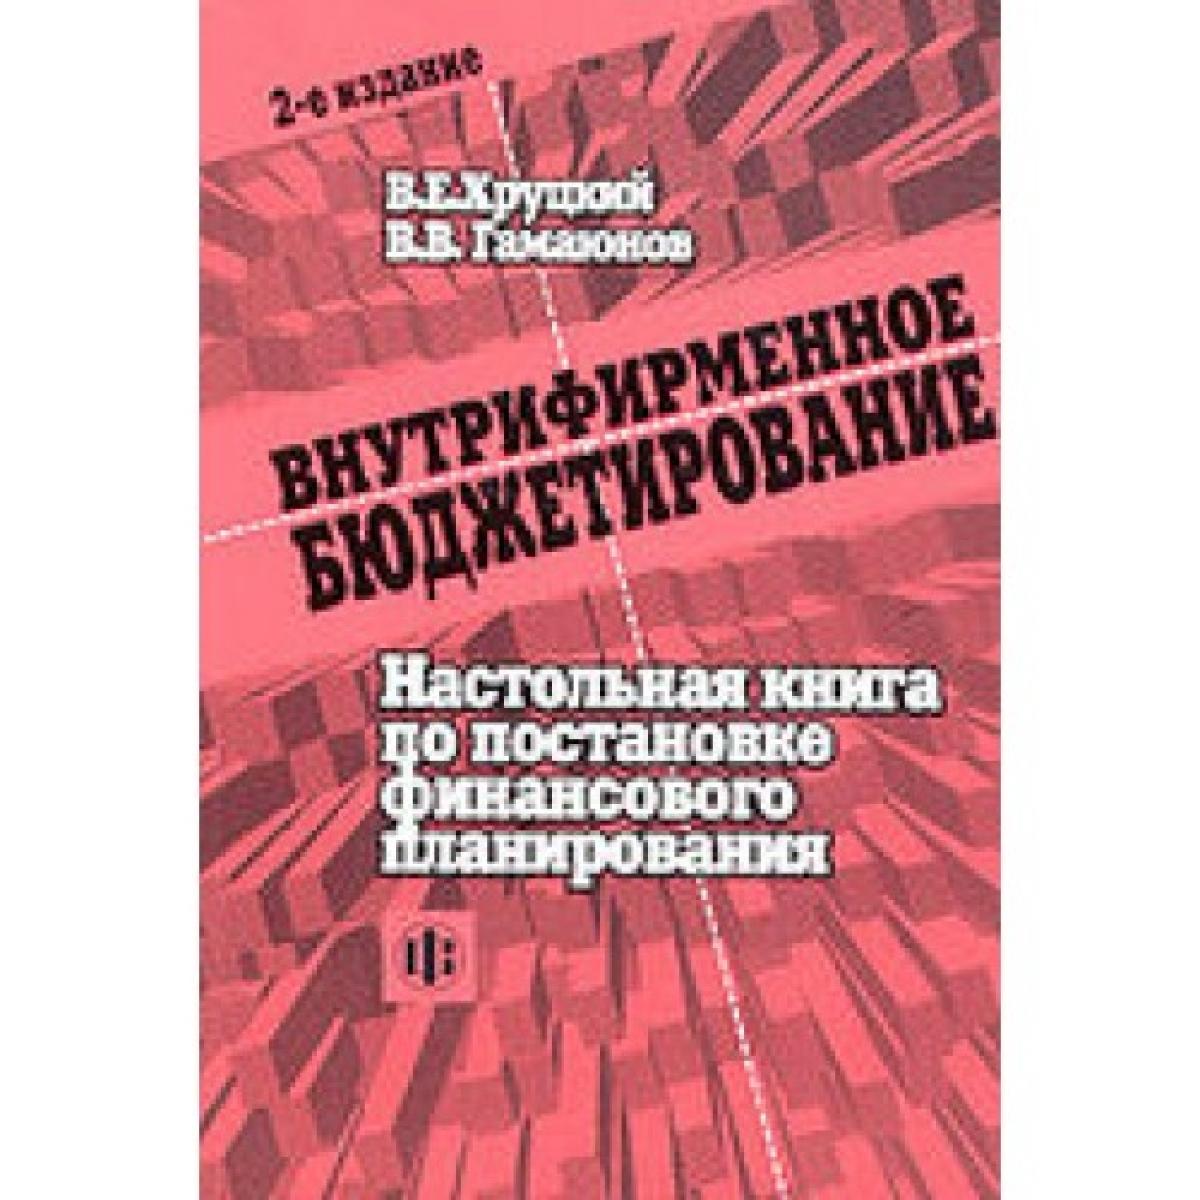 Обложка книги:  хруцкий в.е. - внутрифирменное бюджетирование